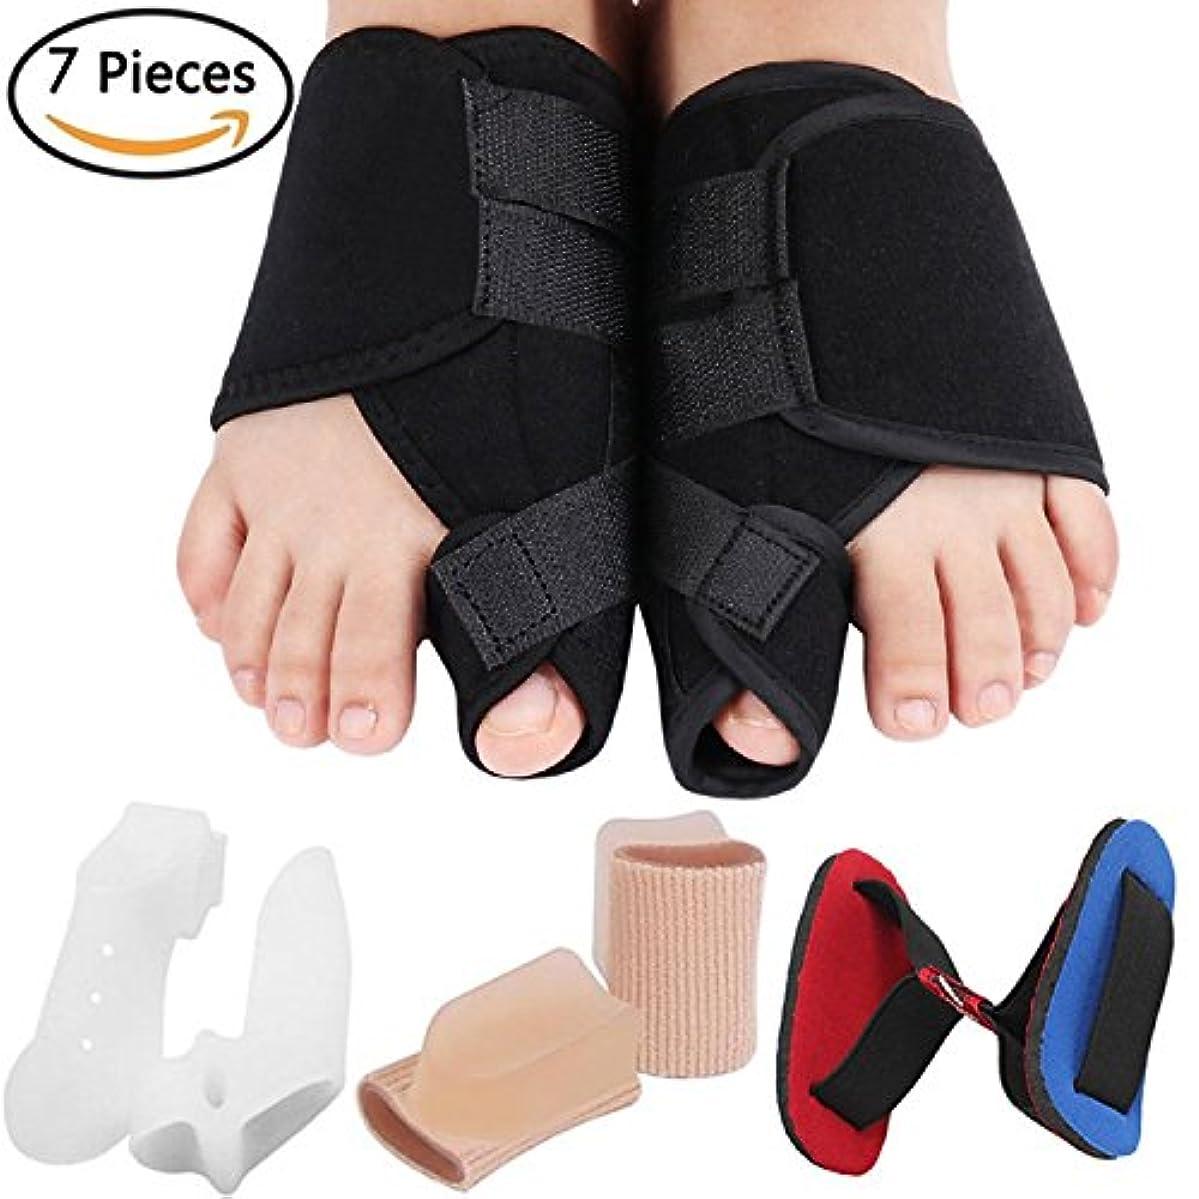 説明する逃げるベルトBunion Corrector Bunion Relief Kit, Bunion Splint Toe Straightener Corrector for Hallux Valgus, Big Toe Joint,...